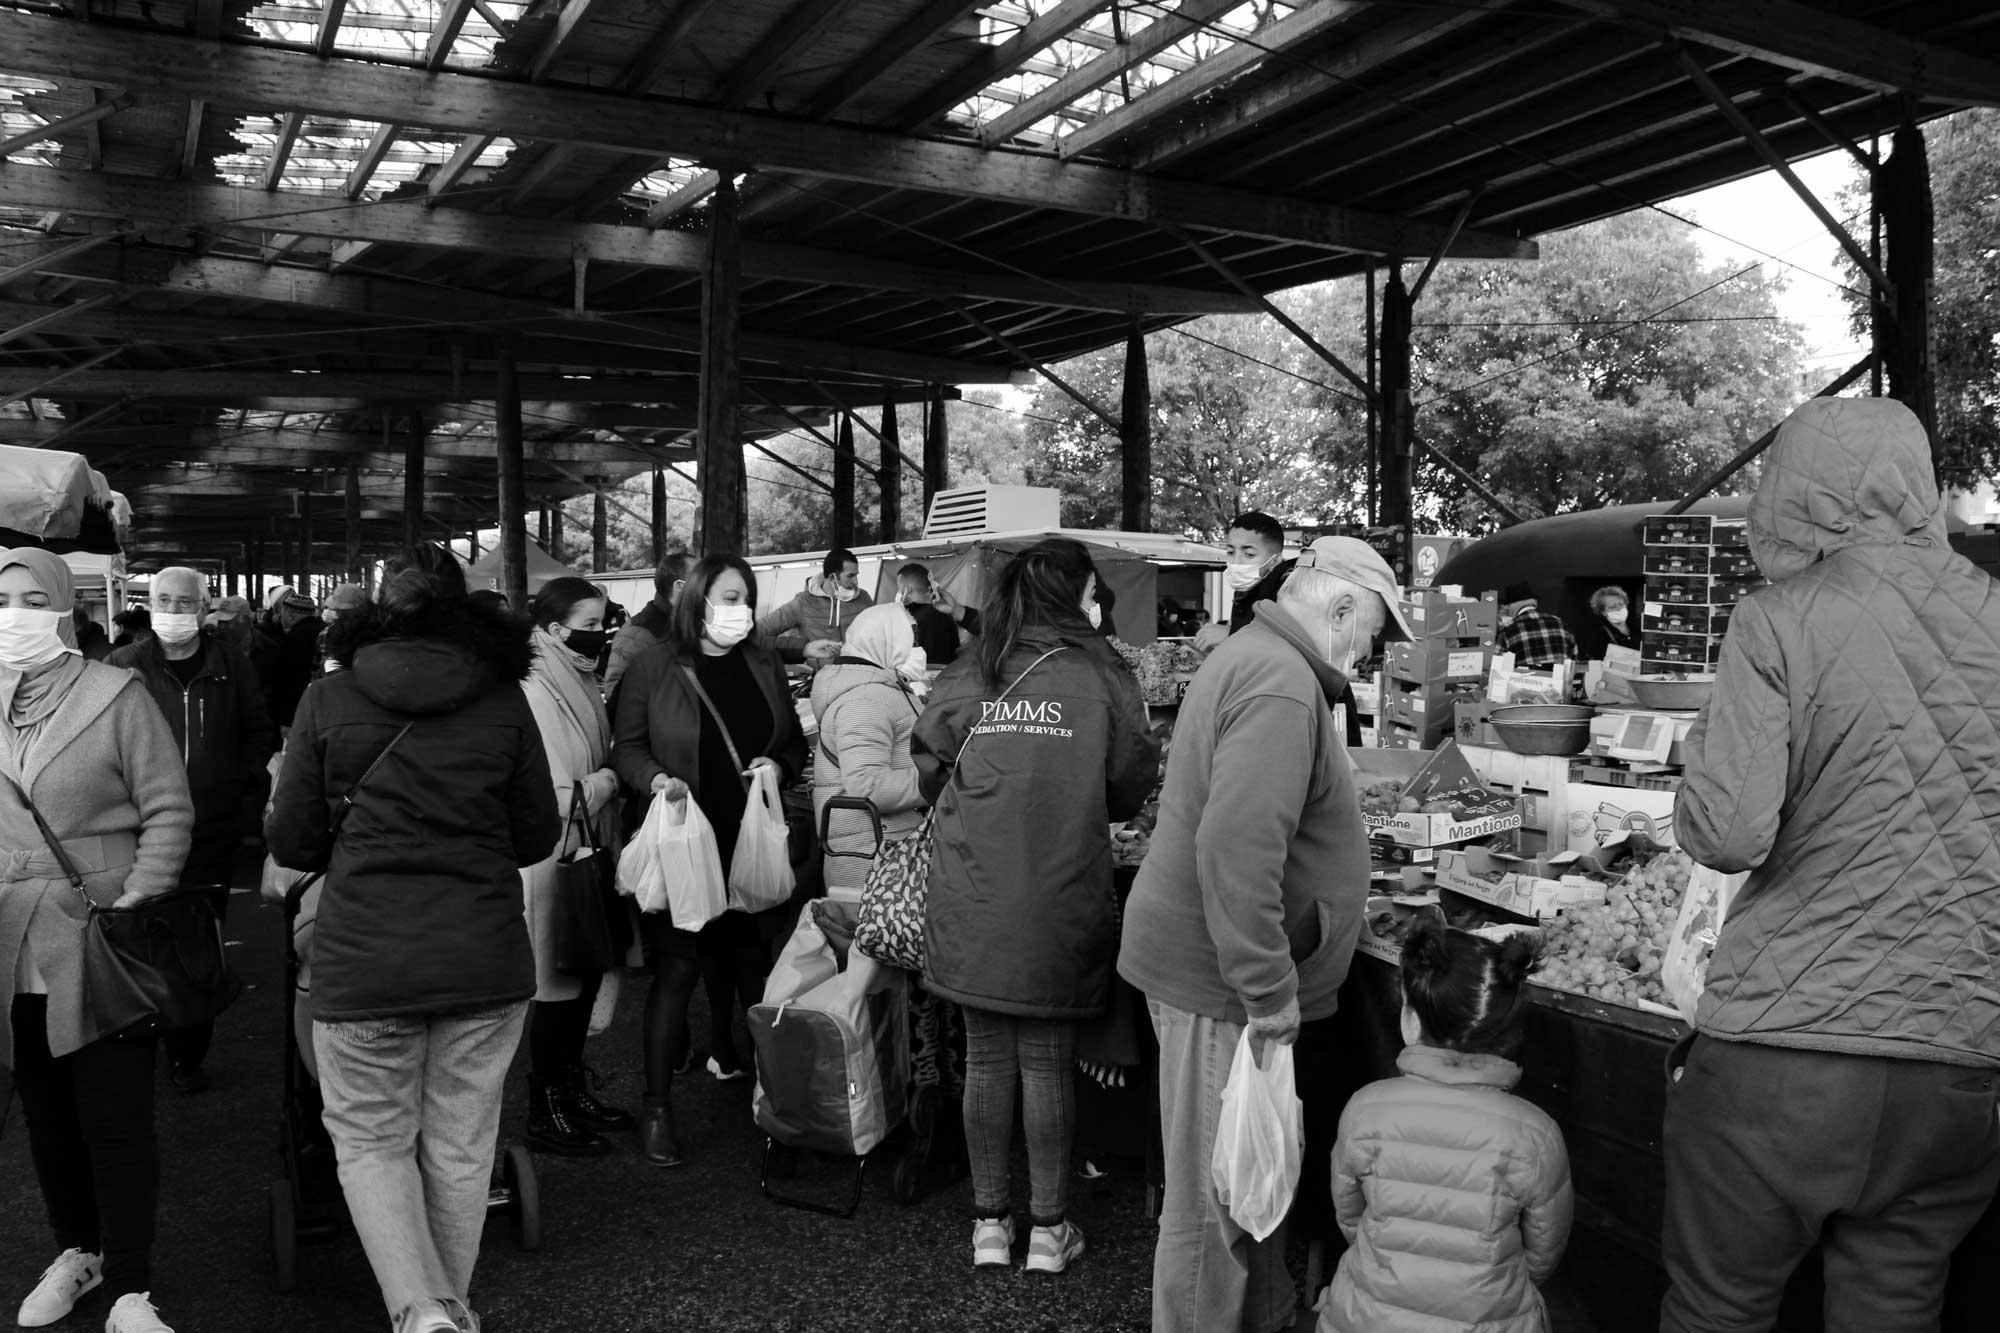 Campagne de sensibilisation sur les marchés de l'agglomération lyonnaise